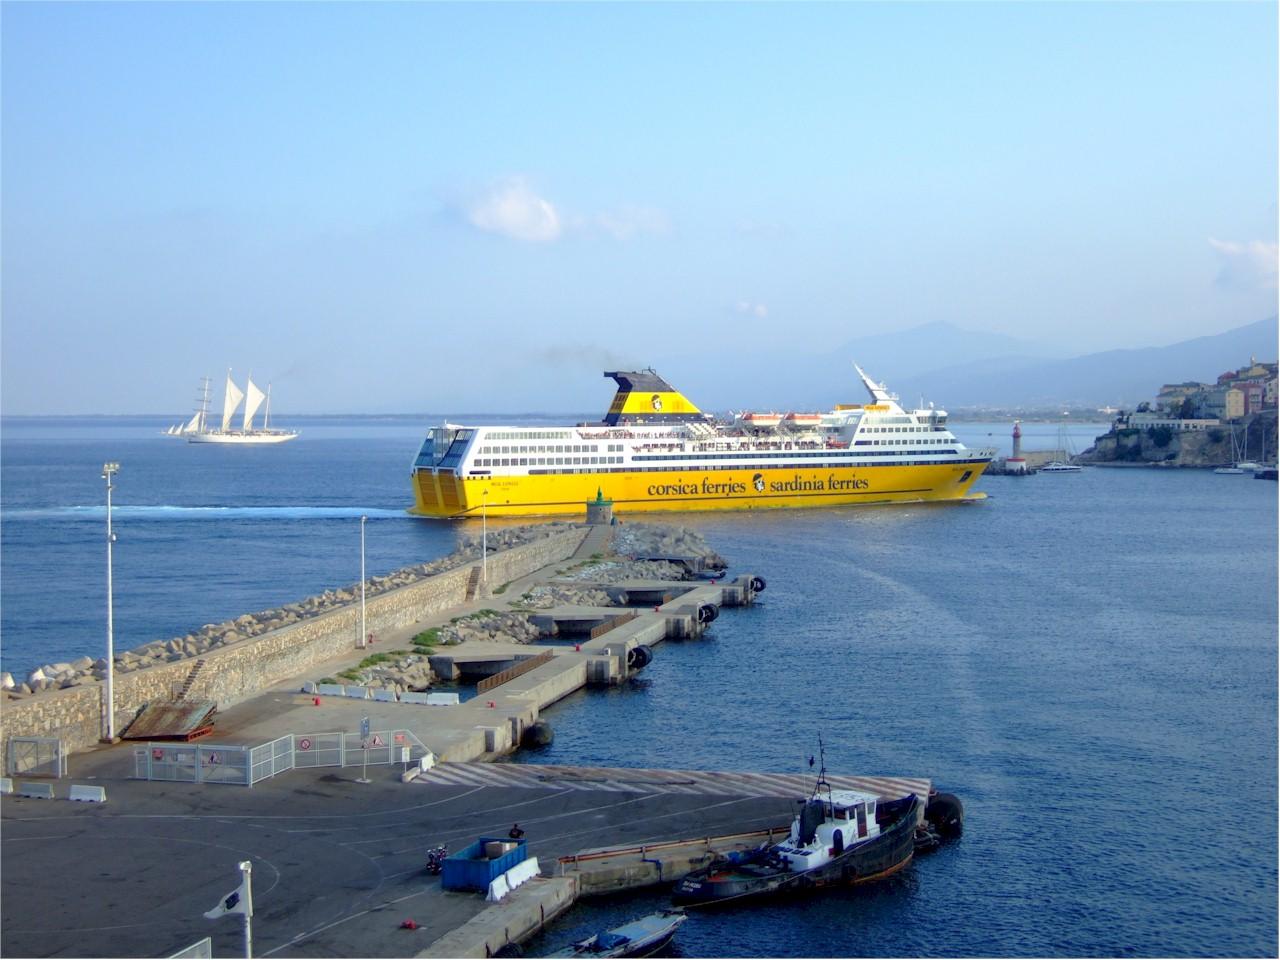 Corsica-Ferries-Mega-Express-Bastia